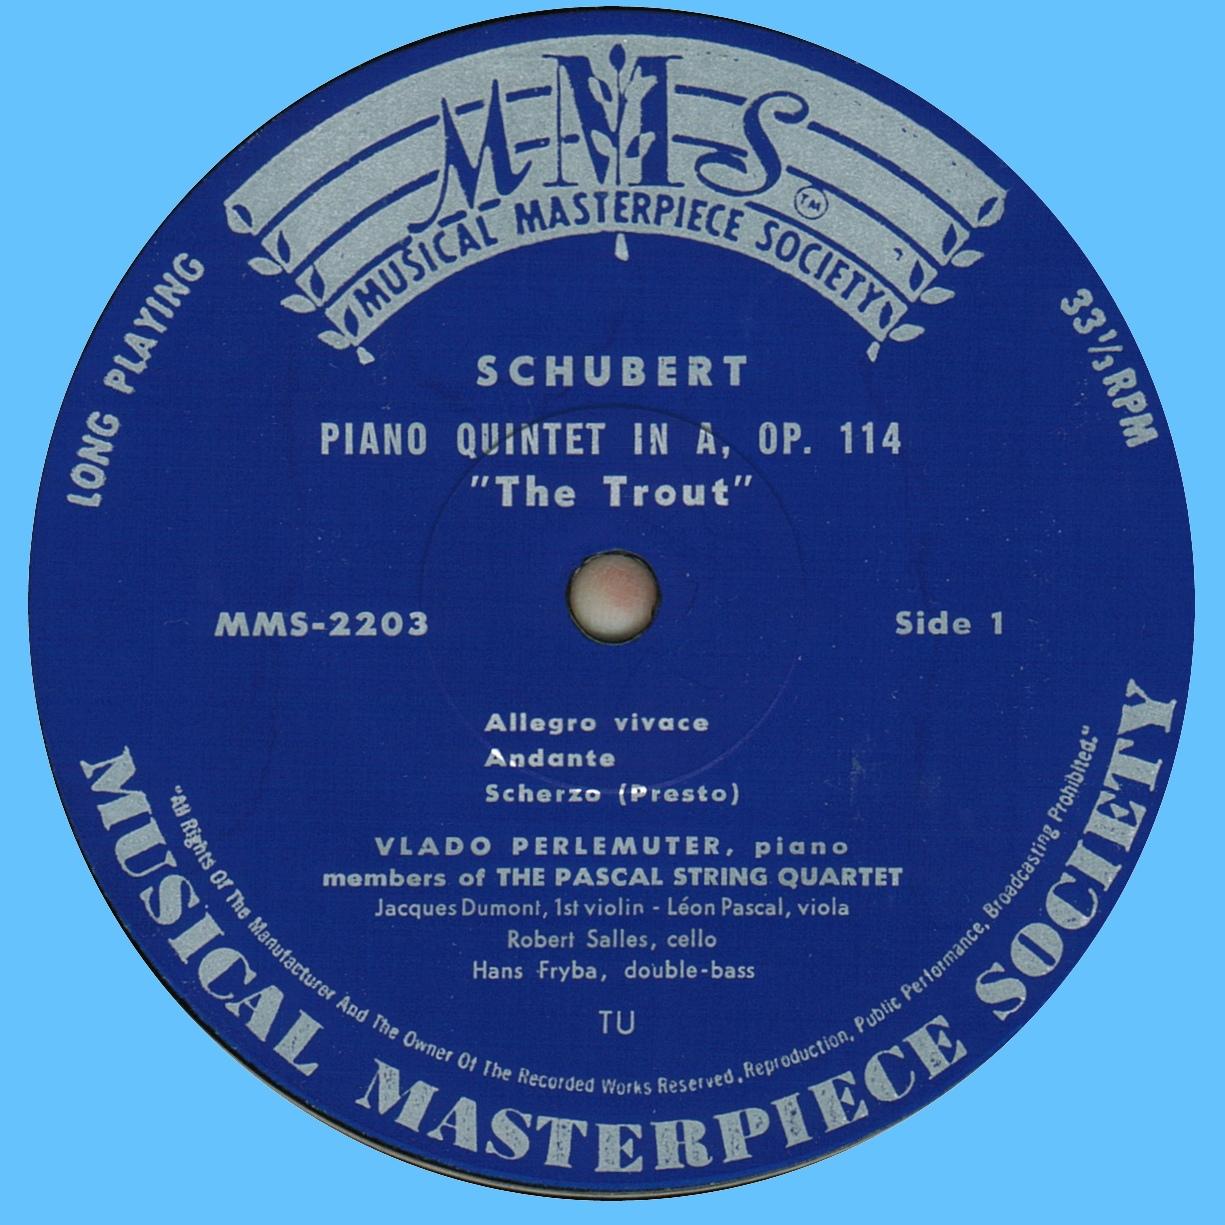 Étiquette recto du disque MMS-2003 de la Musical Masterpiece Society, gravé et pressé chez Turicaphon